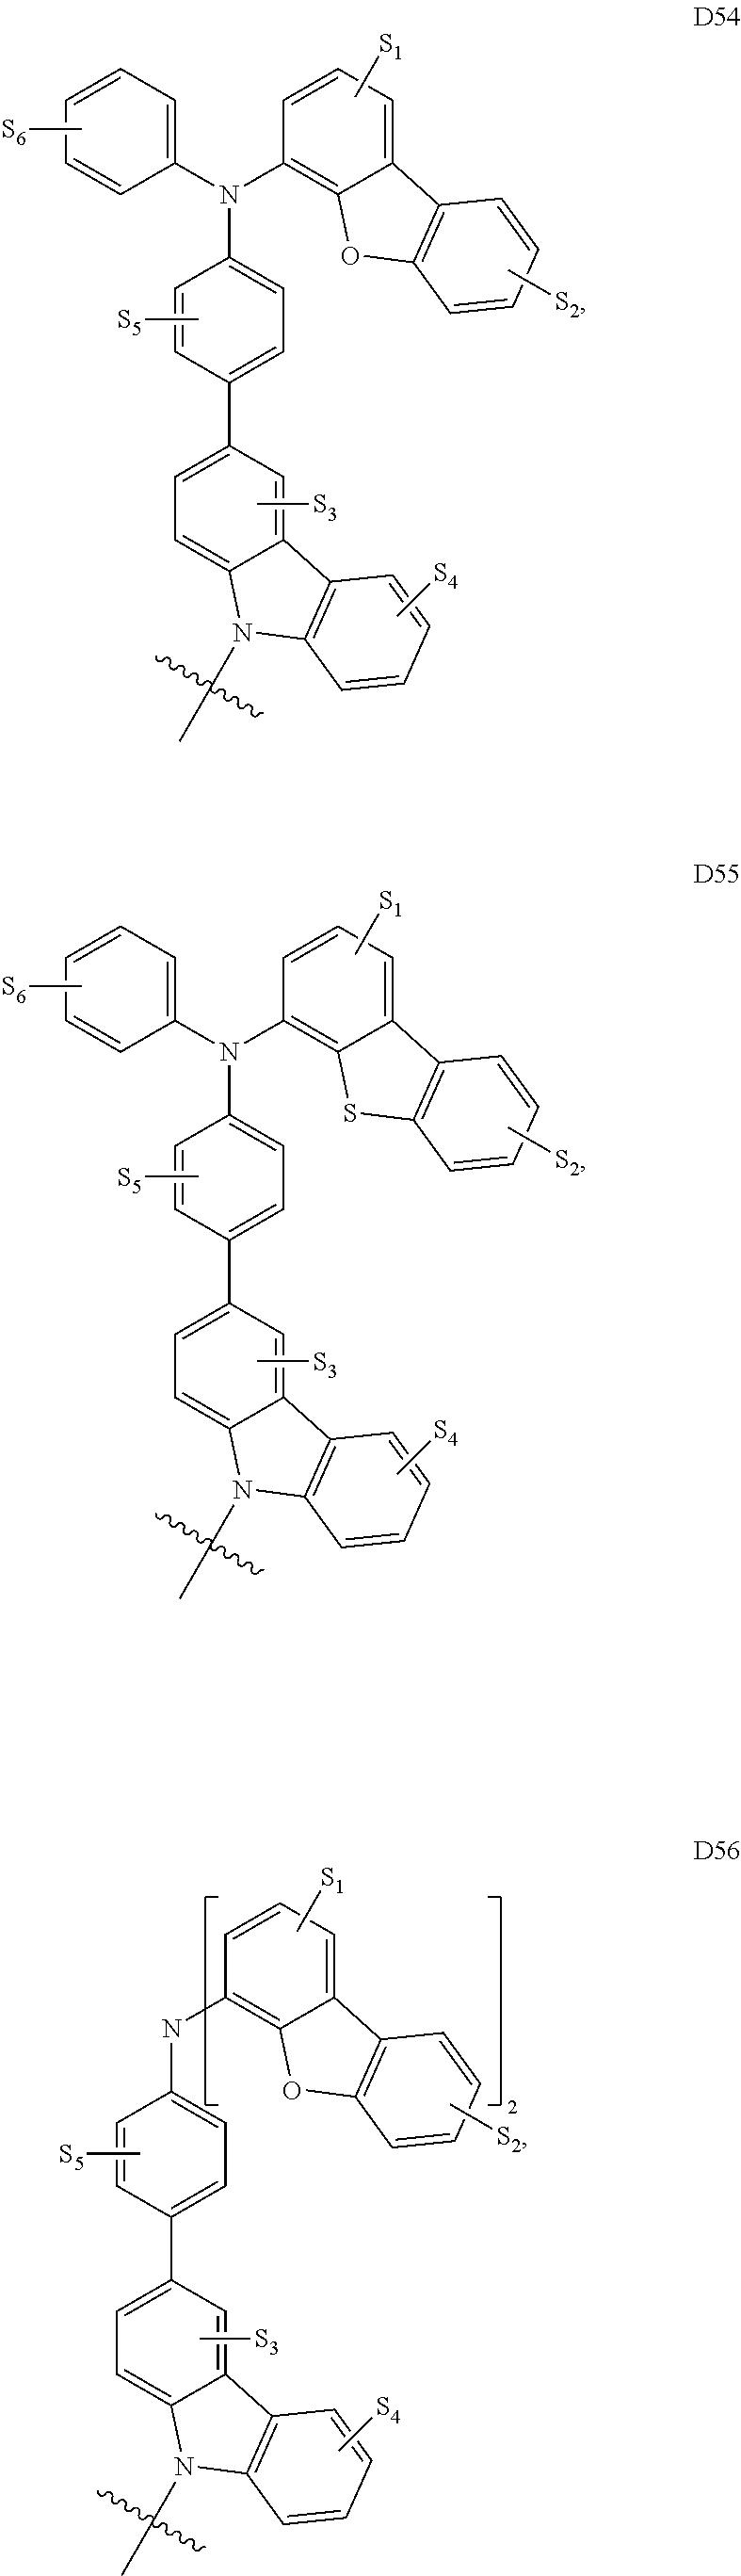 Figure US09324949-20160426-C00063